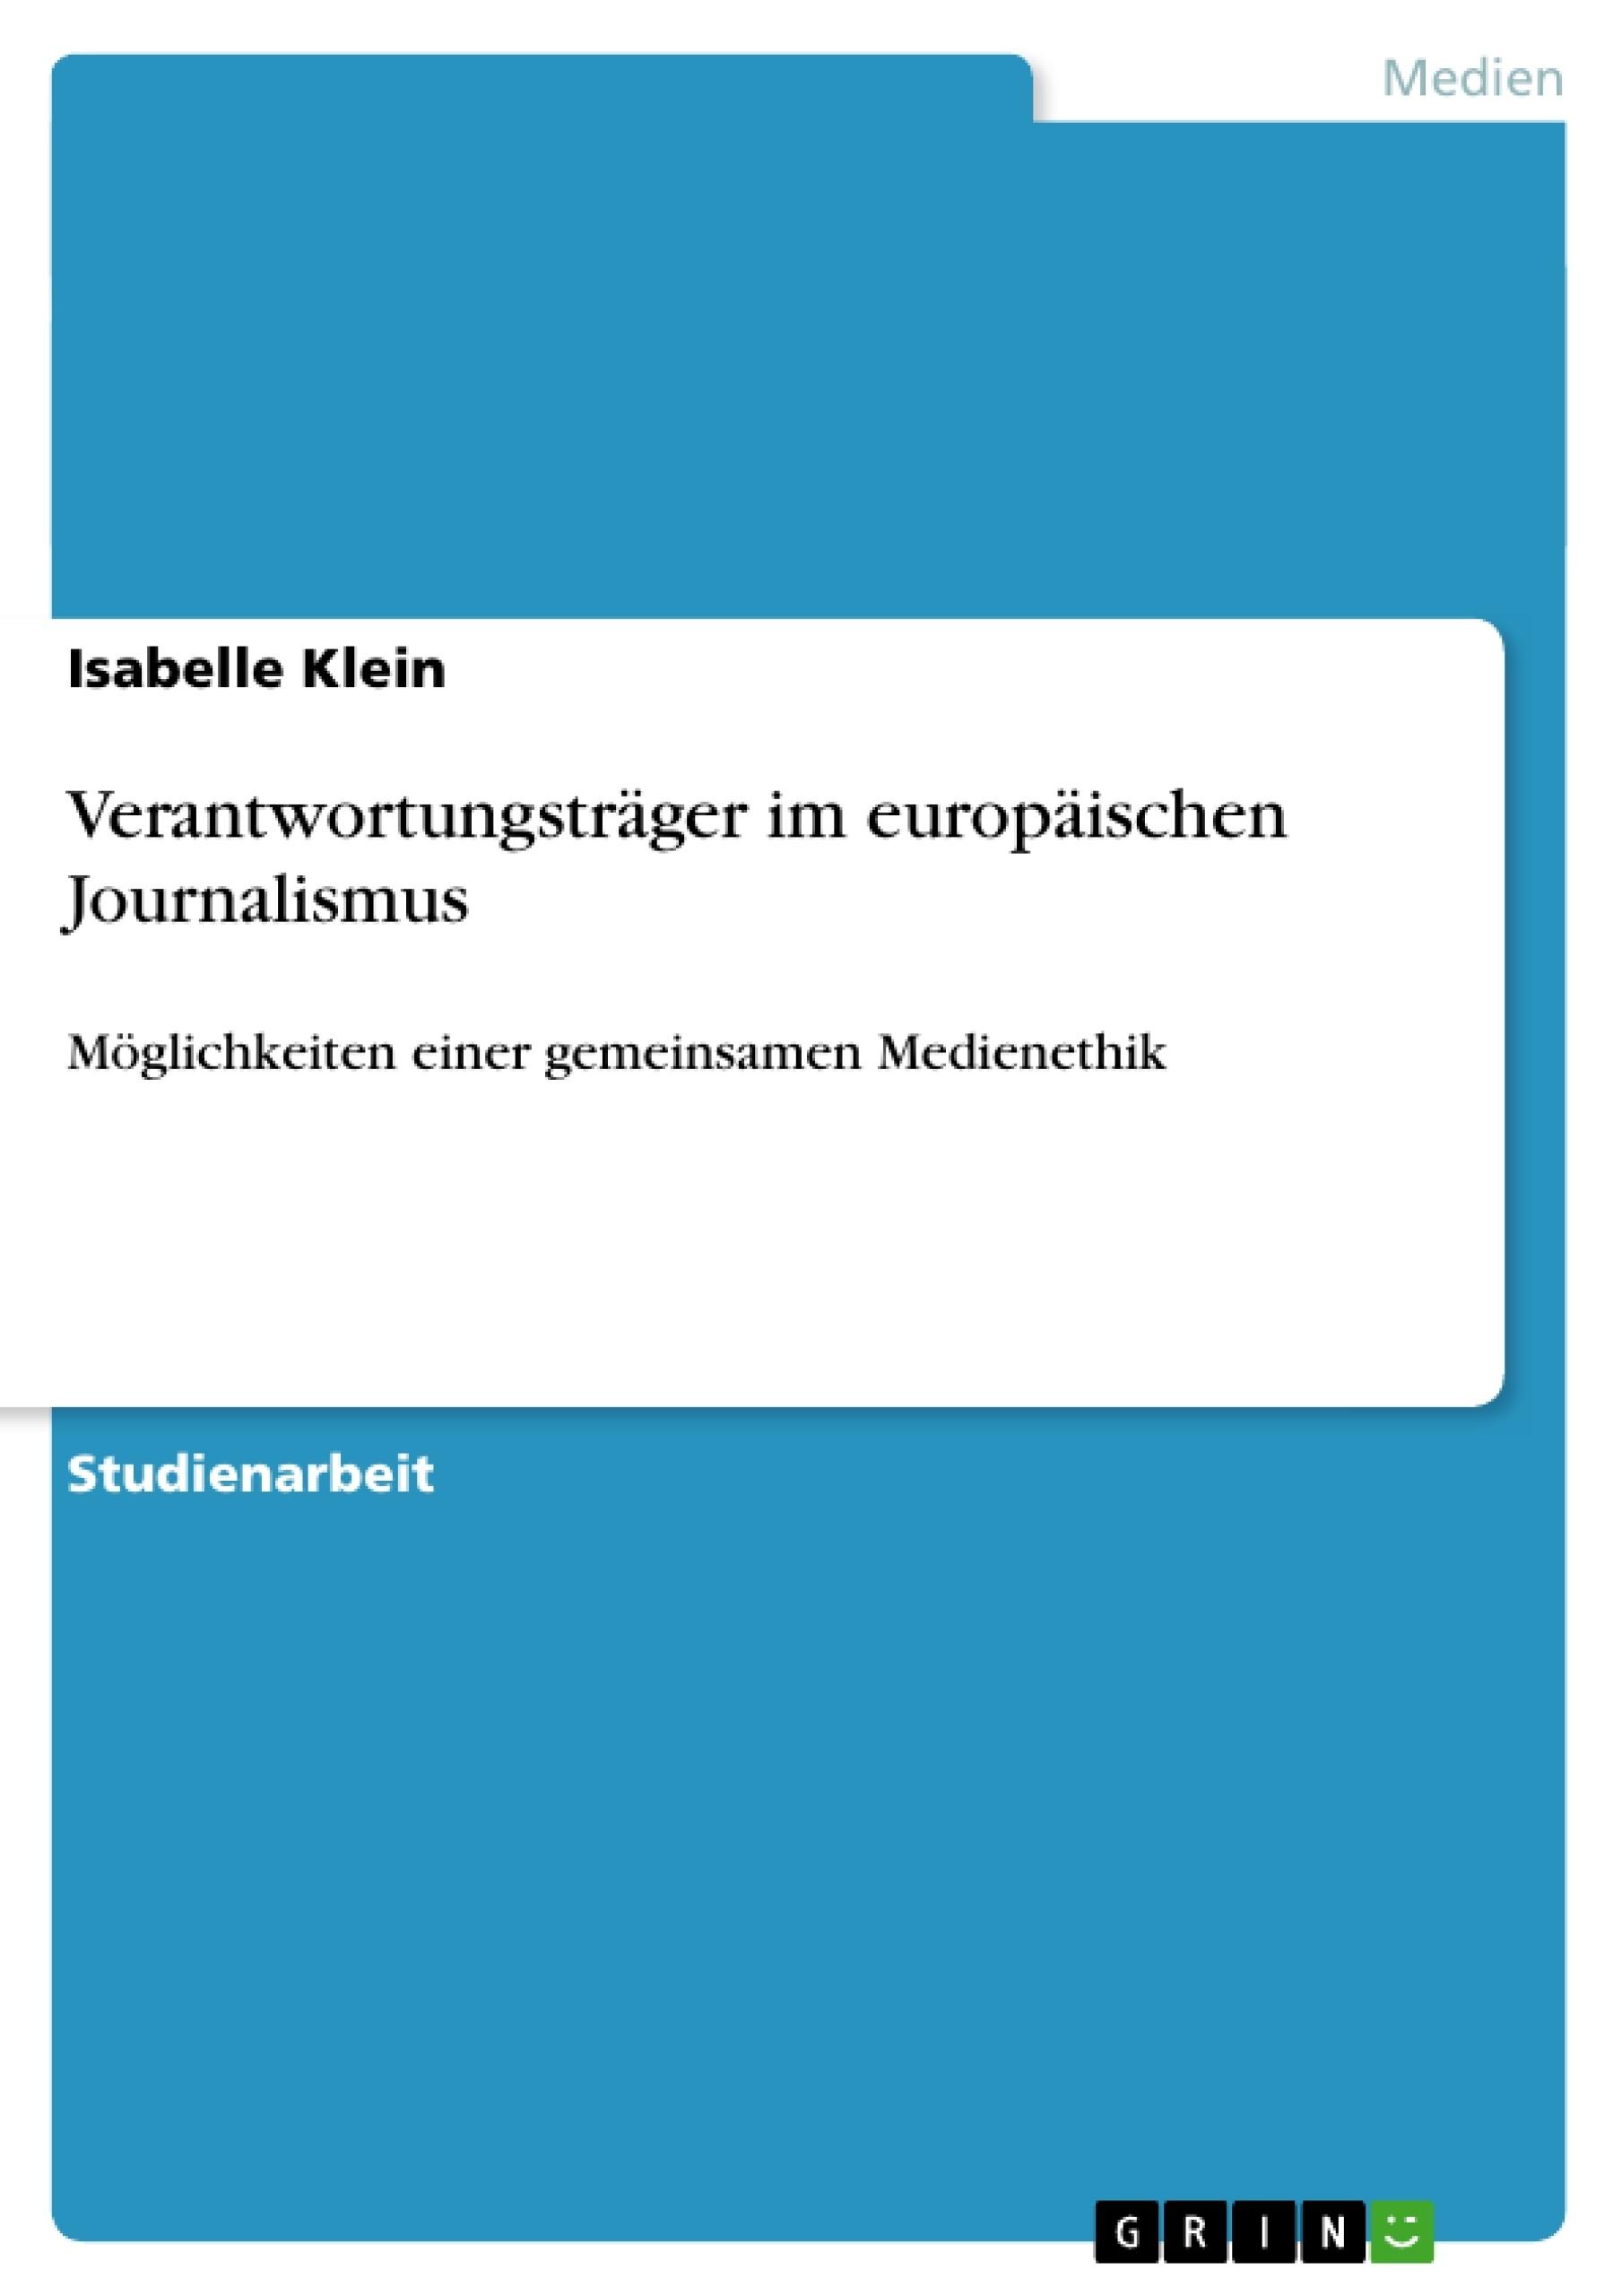 Titel: Verantwortungsträger  im europäischen Journalismus